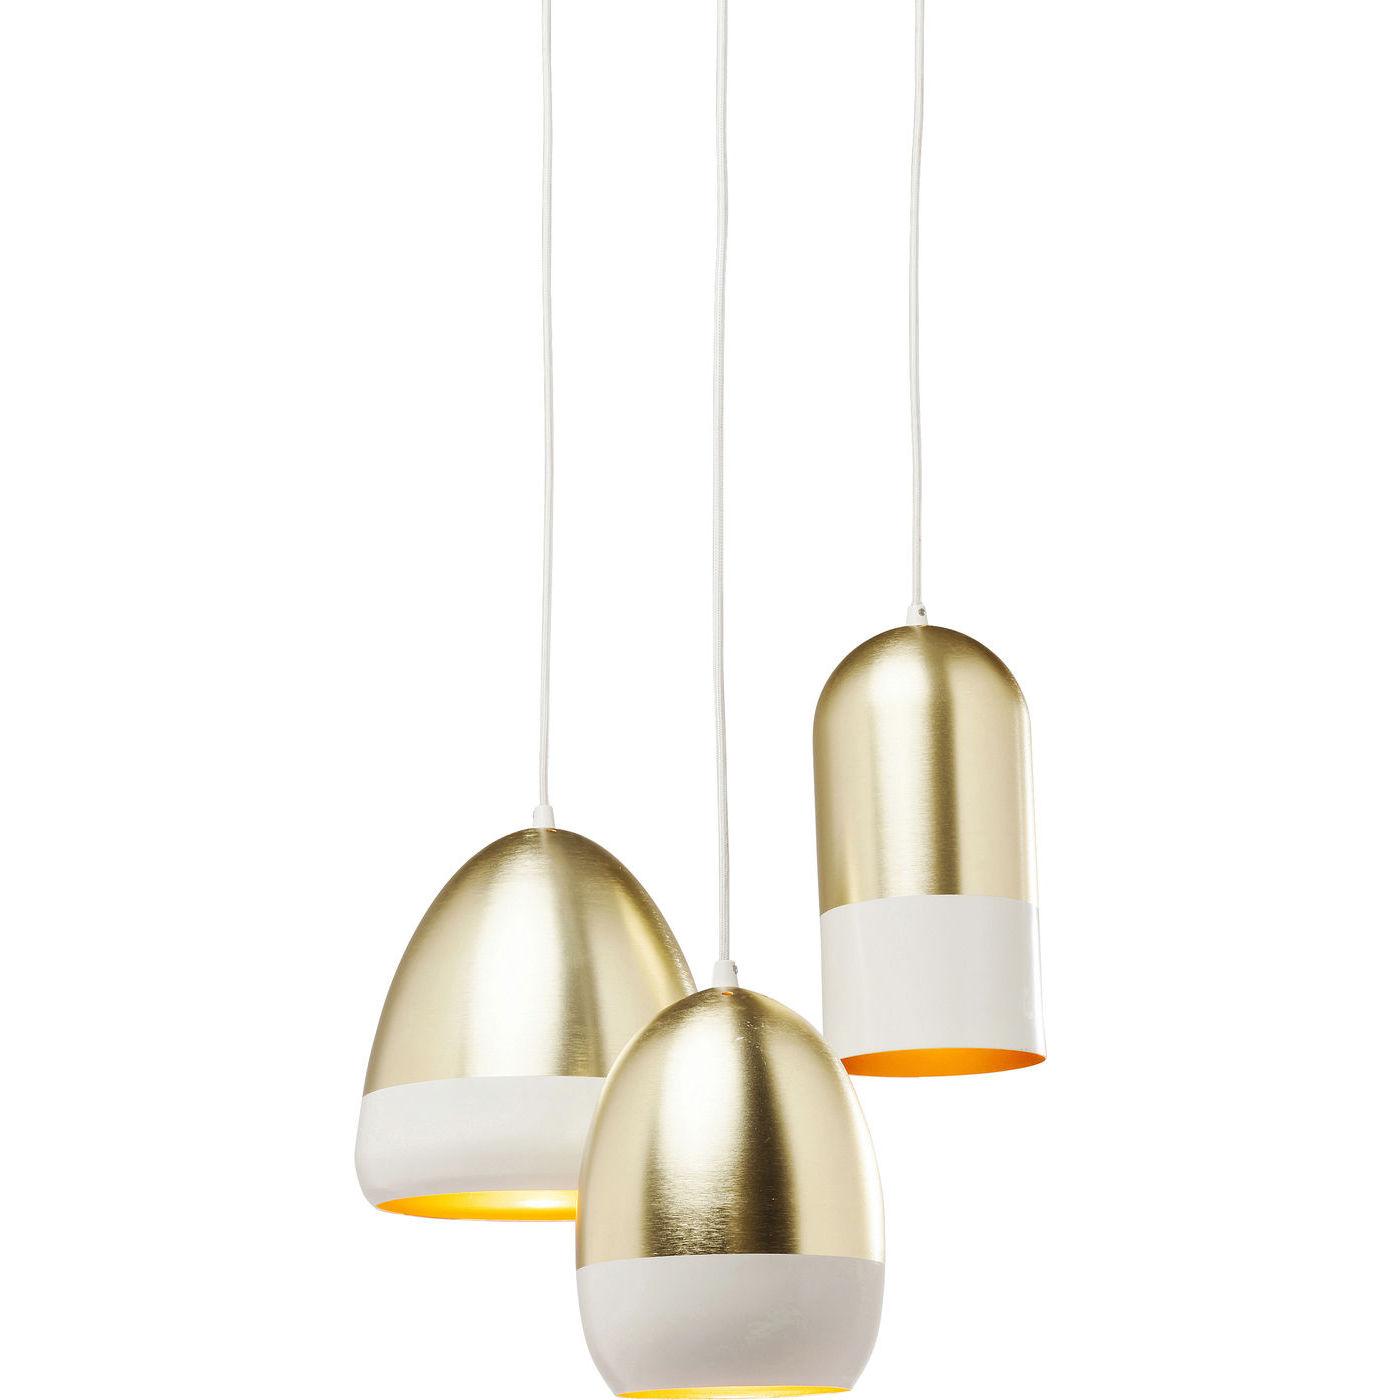 Billede af Kare Design Loftslampe, Miami Vice